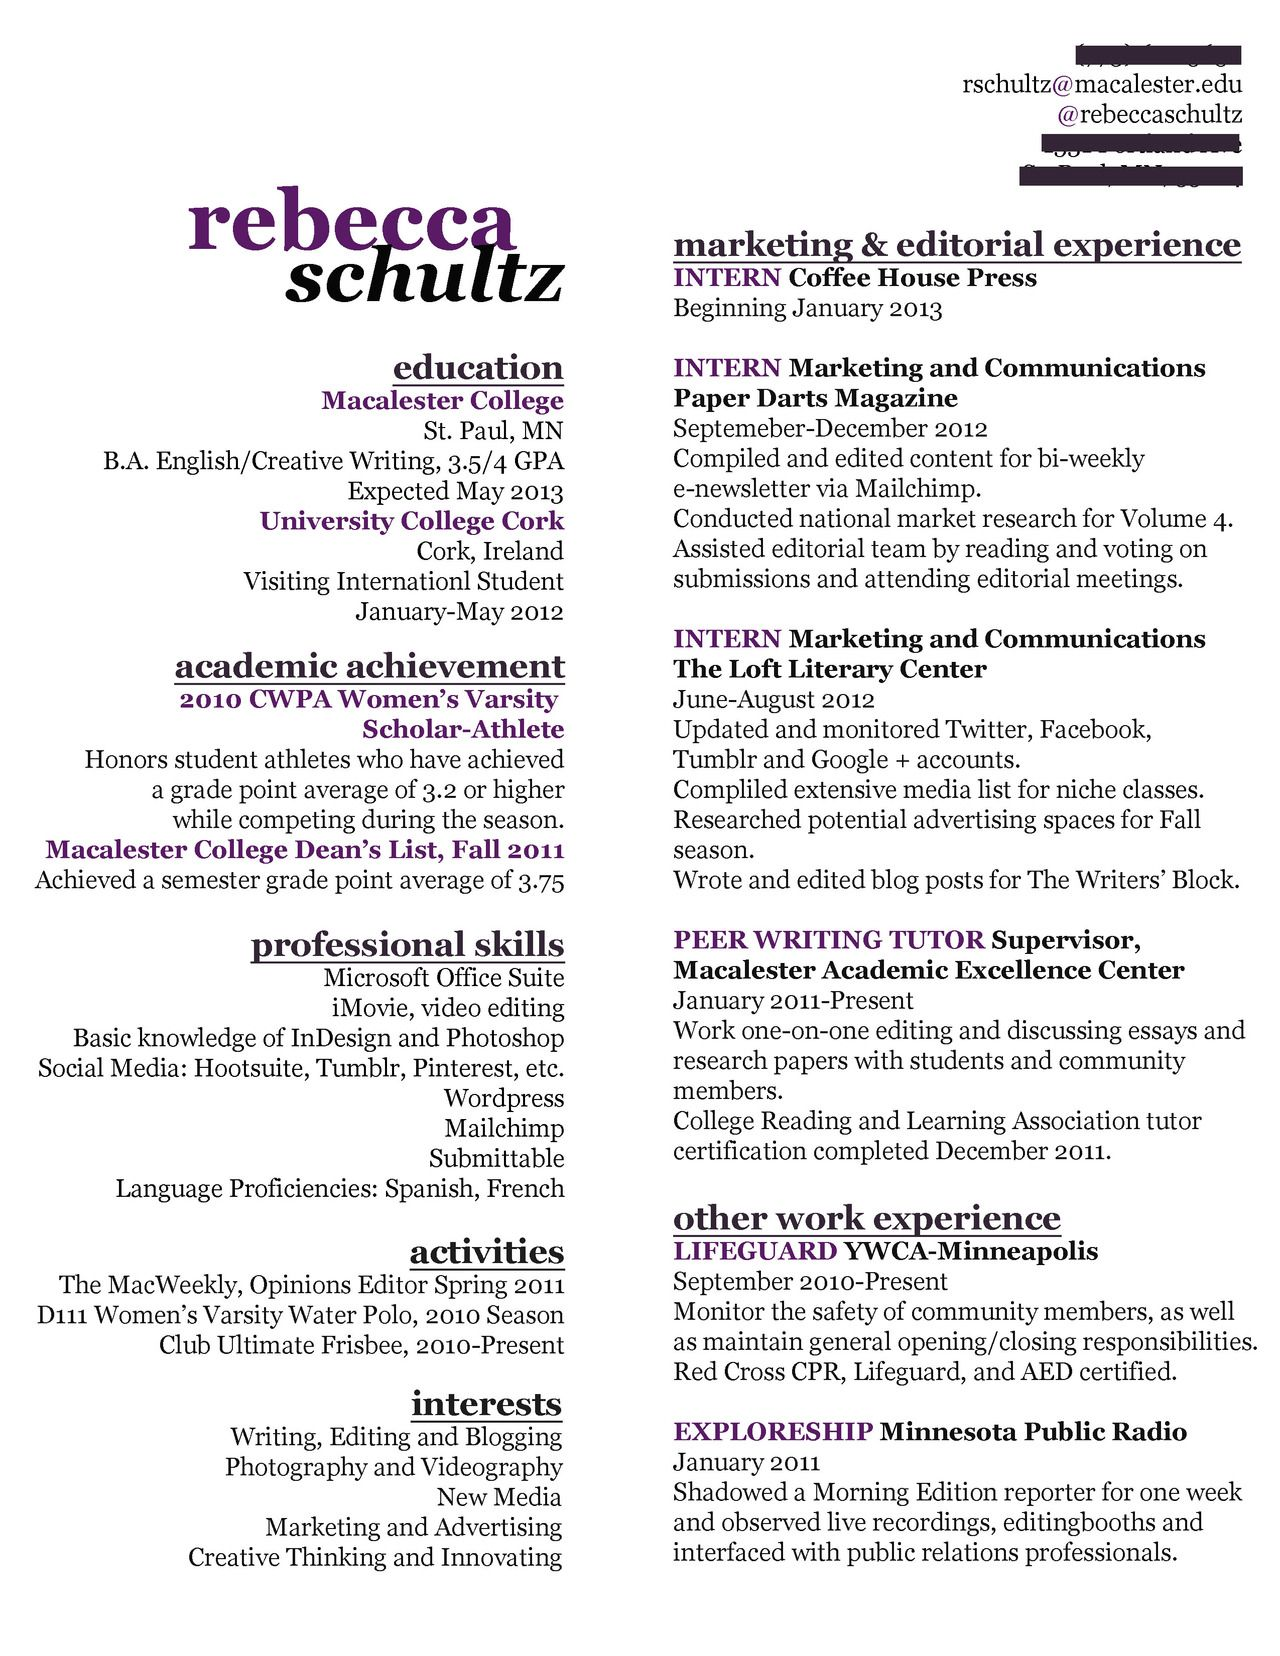 My Resume Creative Resume Writer Resume Entry Level Resume Marketing Resume Advertising Resume Artist Resume Makeup Artist Resume Freelance Writer Resume